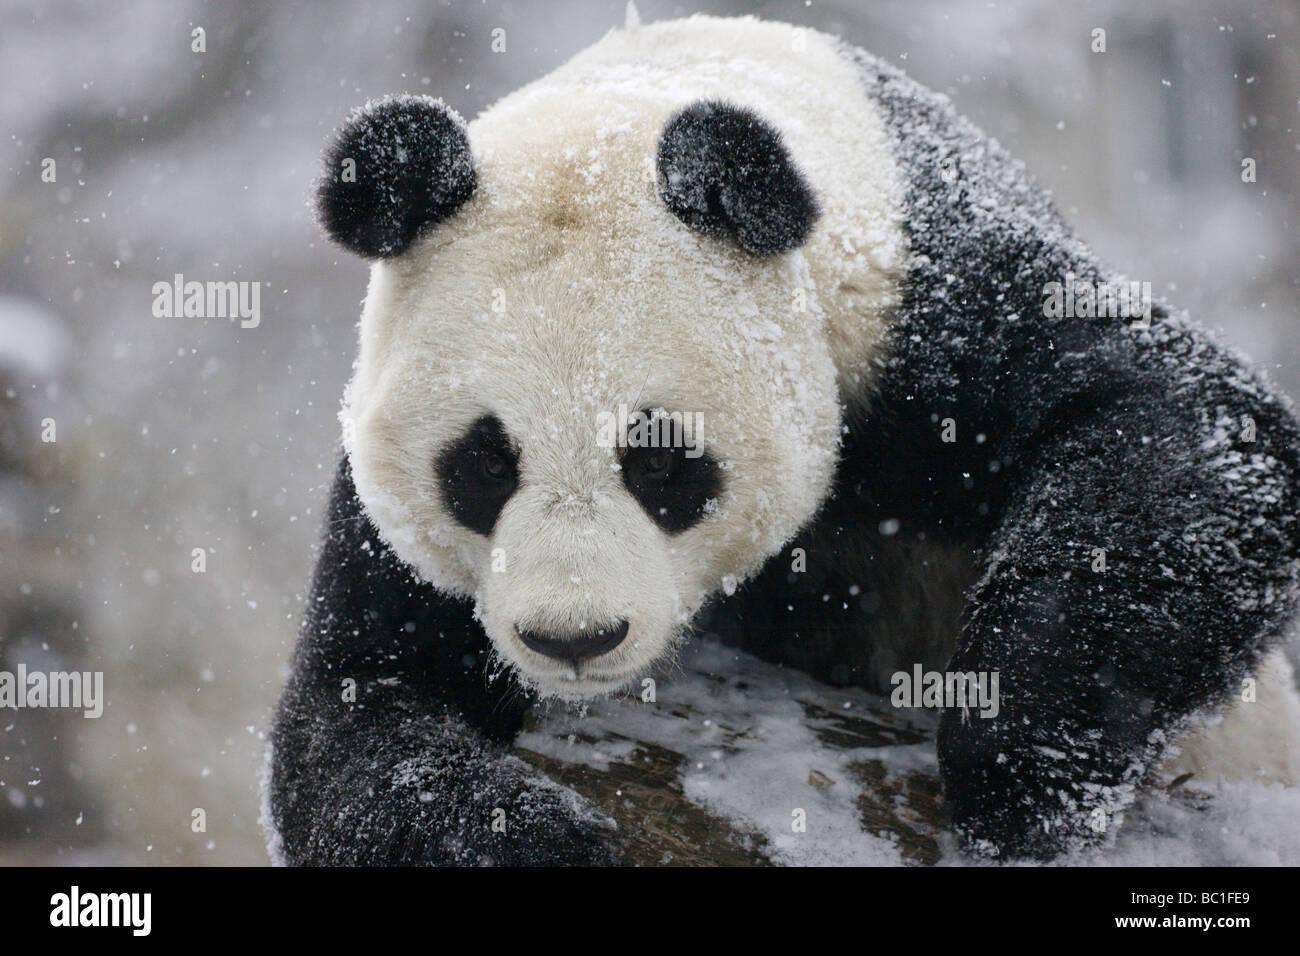 El panda gigante de Wolong nieve Sichuan, China Imagen De Stock